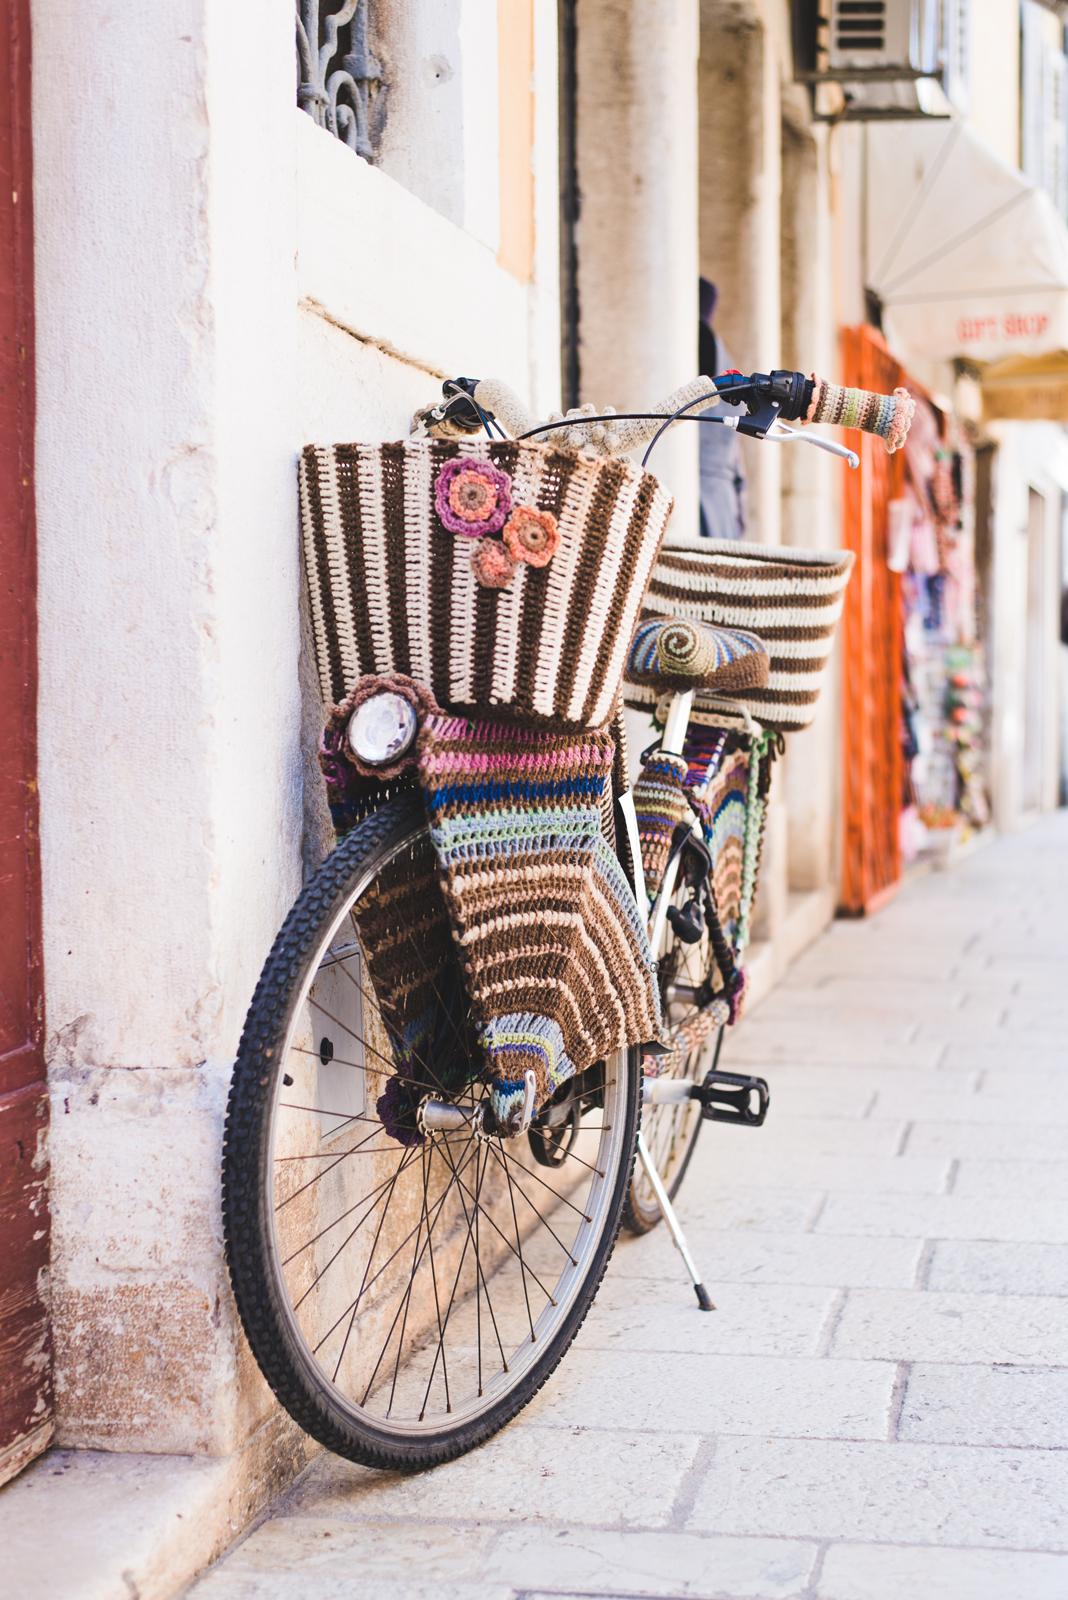 Artistic bike in Rovinj, Istria, Croatia - from travel blog http://Epepa.eu